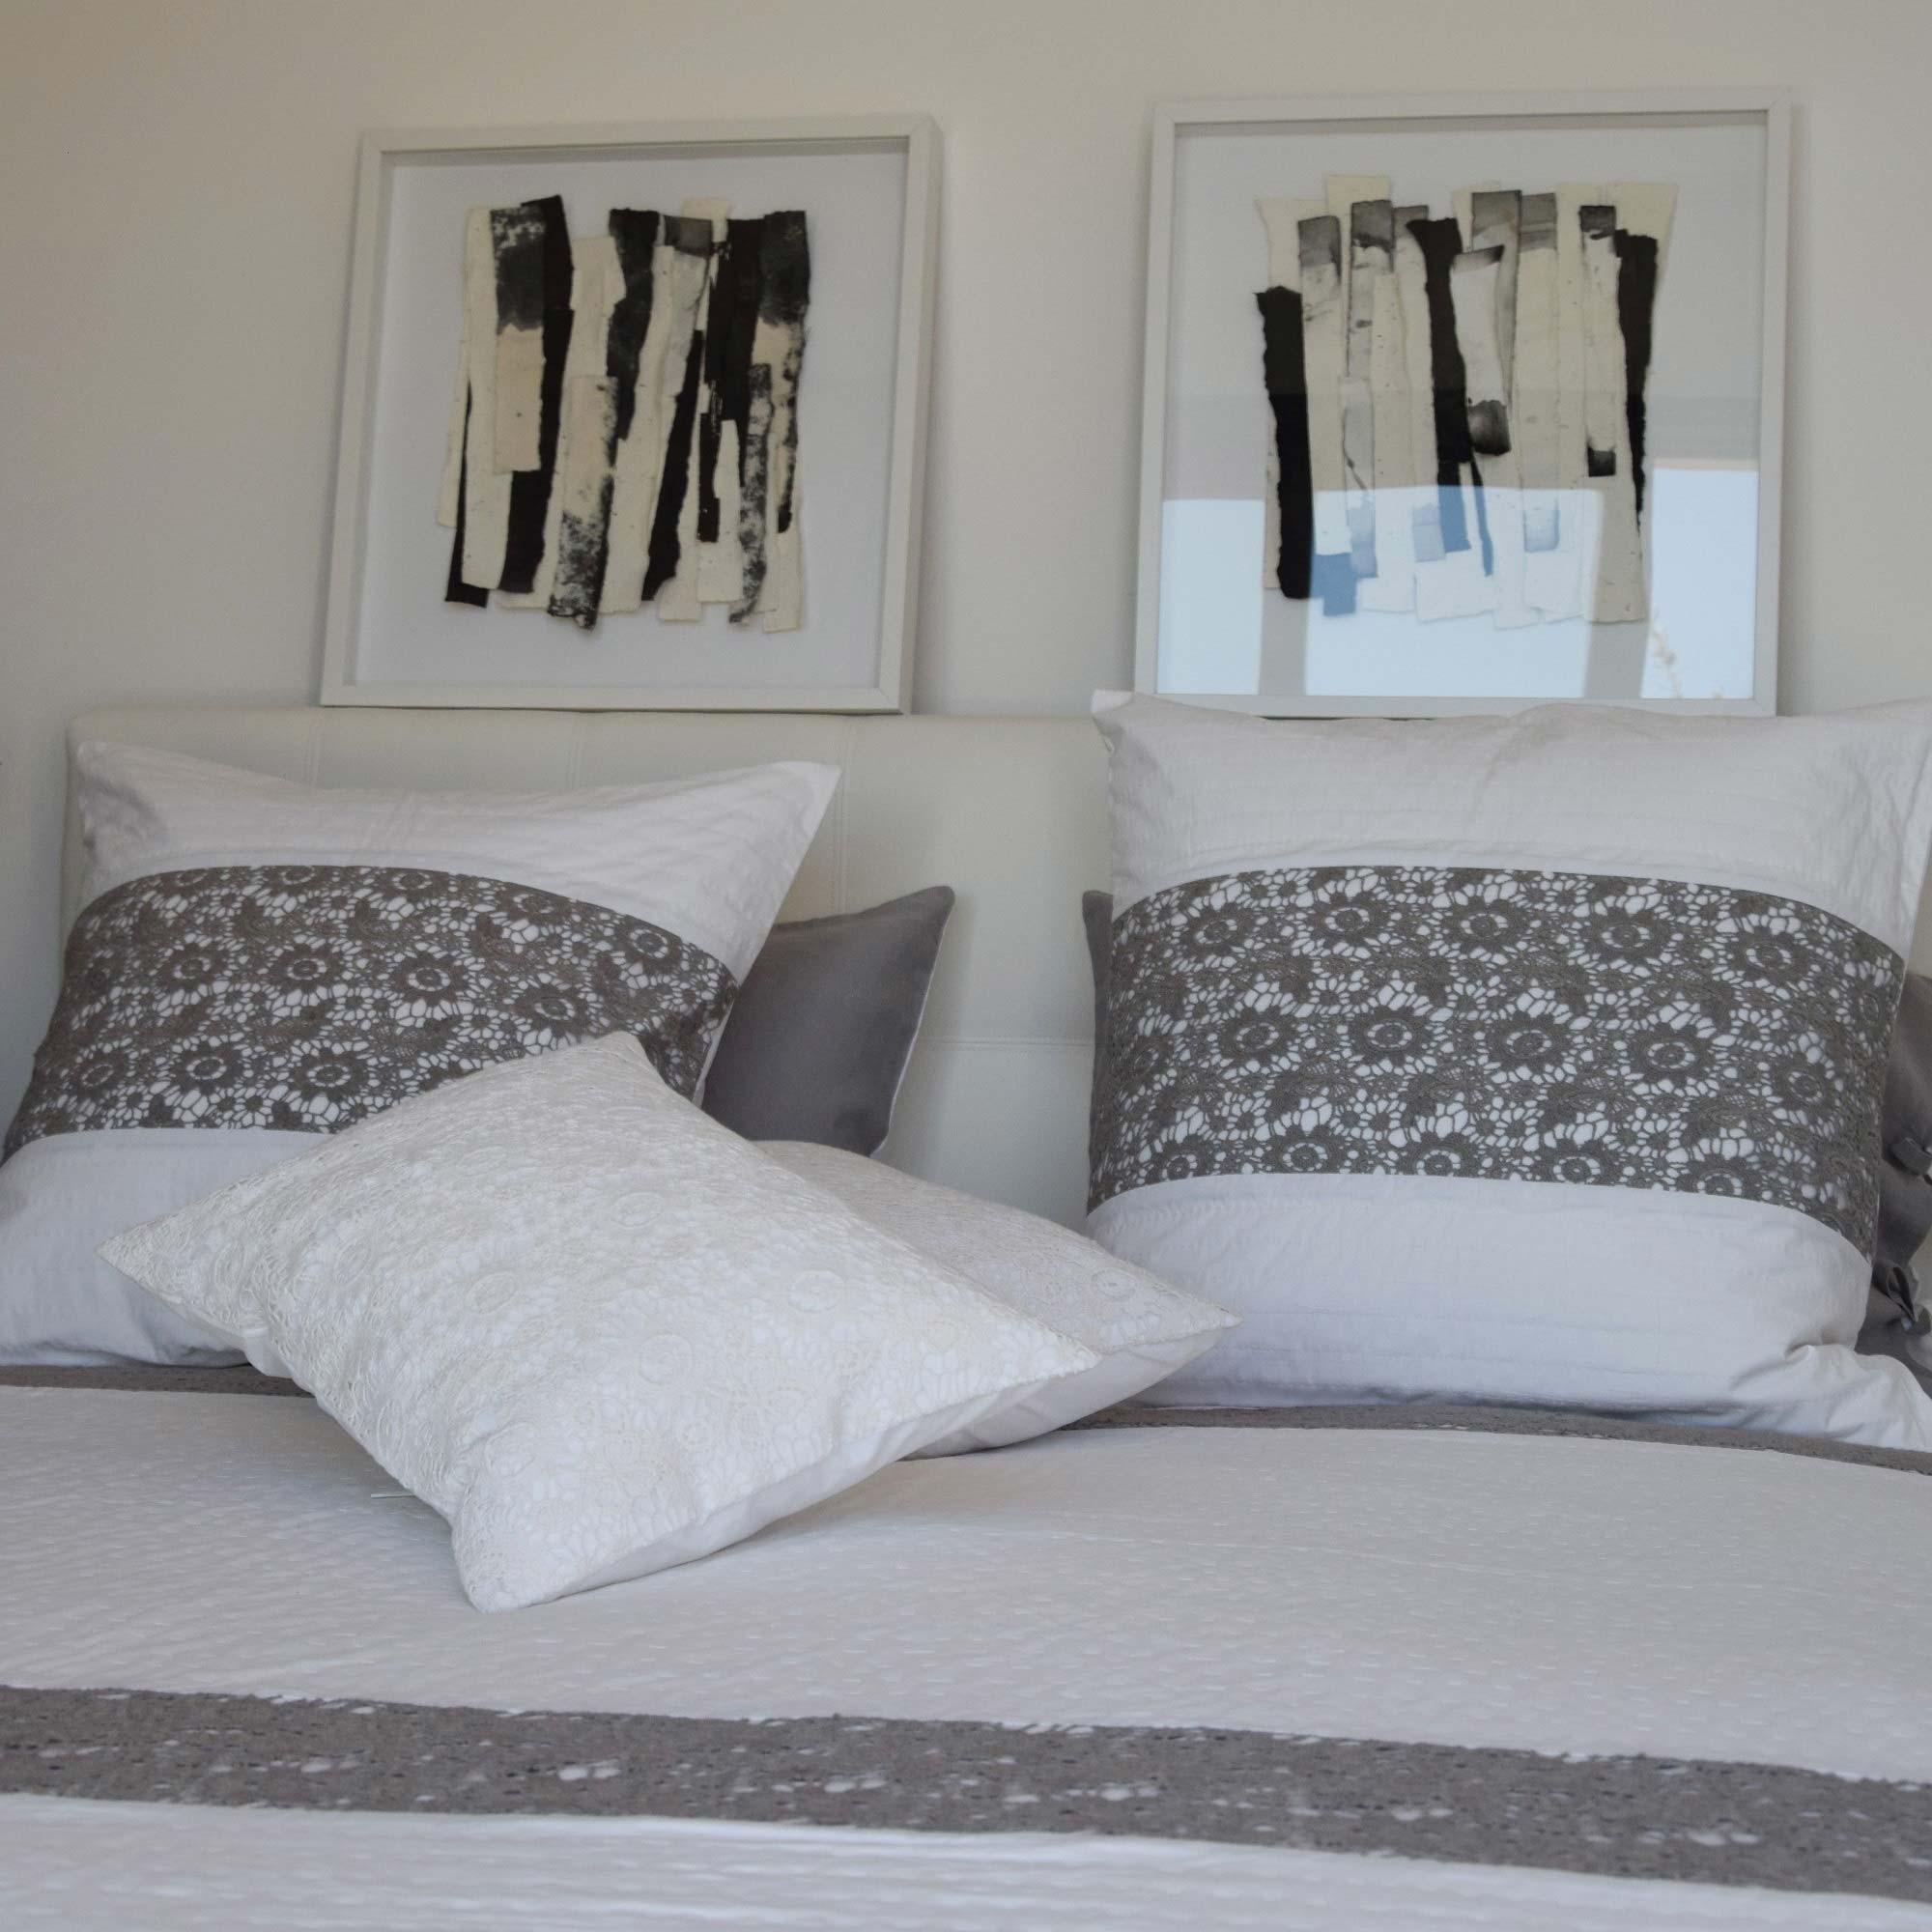 acheter couvre lit dentelle White and gray Nantes bedspread   Maison d'été acheter couvre lit dentelle